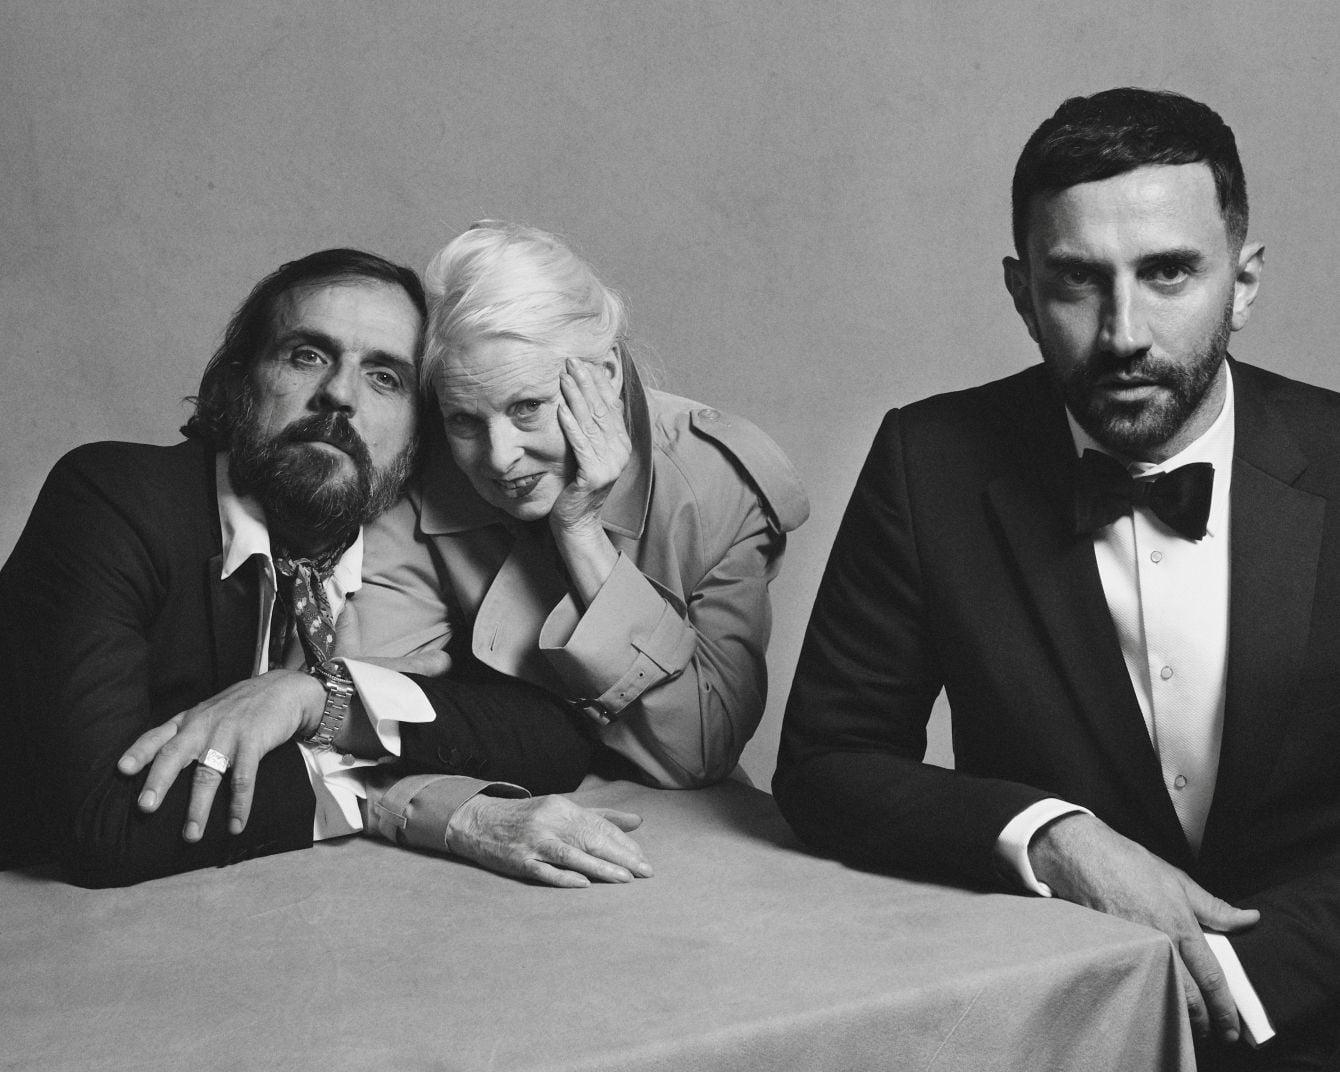 # 時尚界重磅合作:Burberry × Vivienne Westwood 發售日期終於釋出! 2